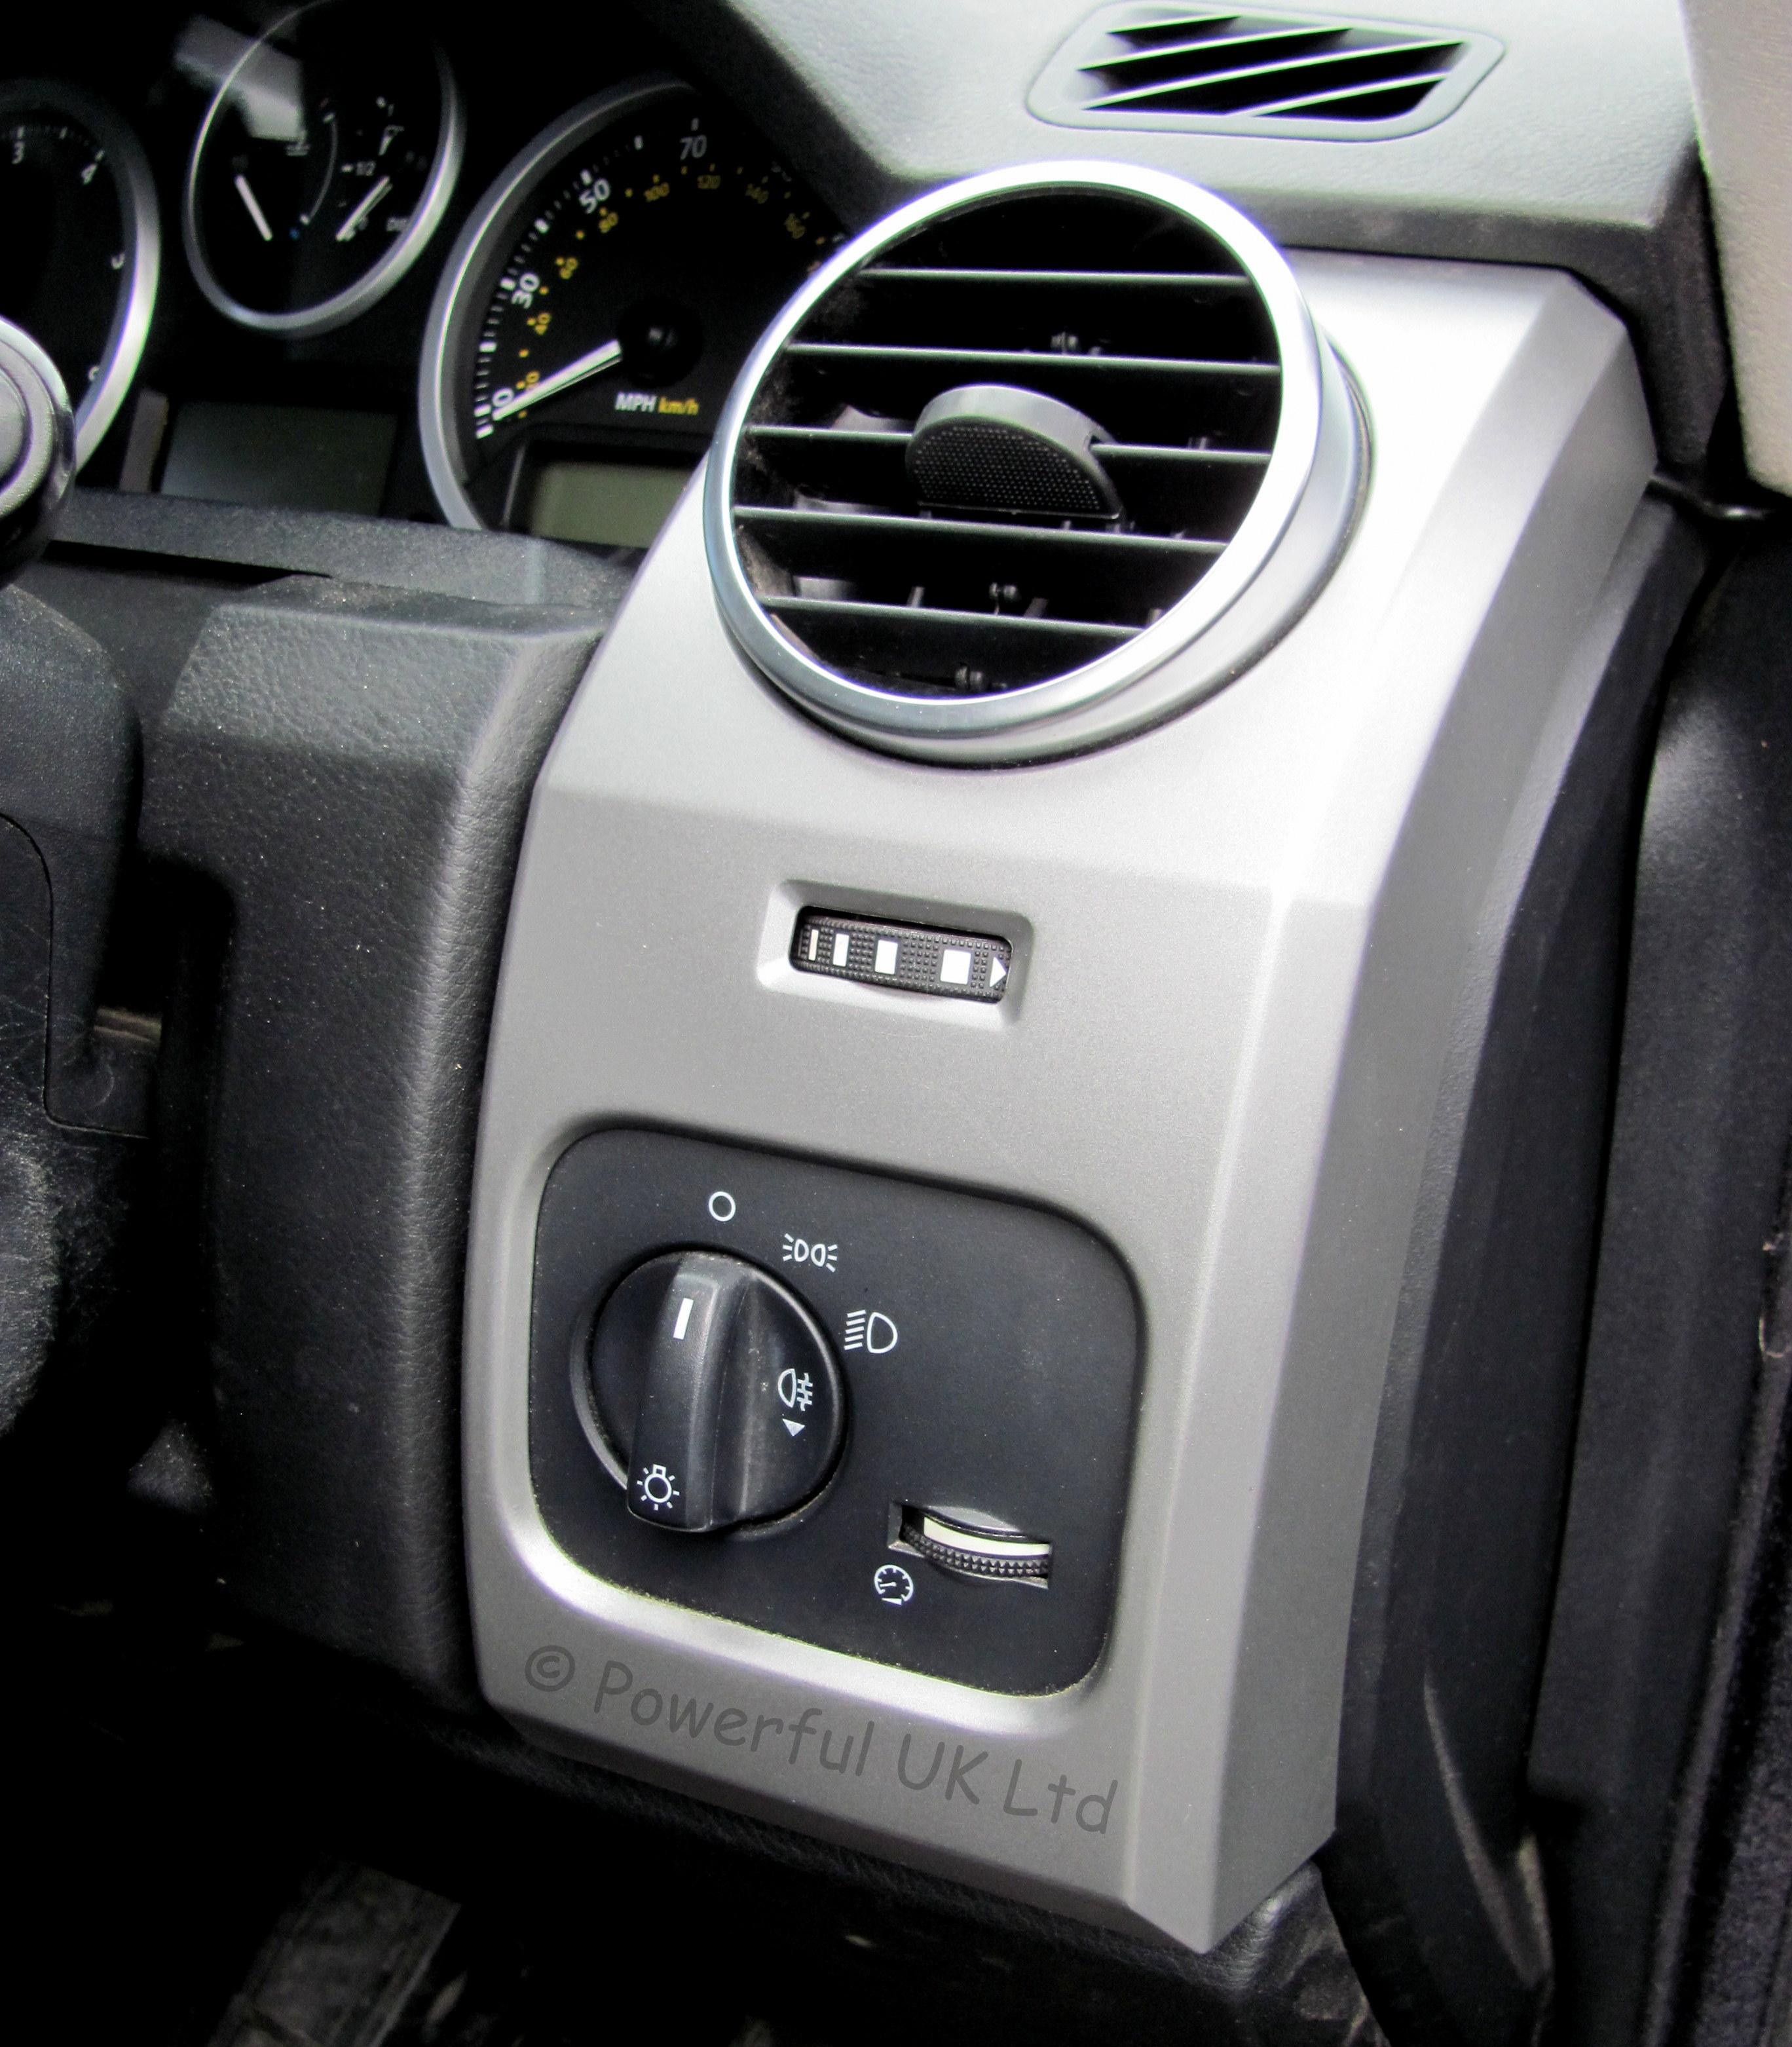 2002 Land Rover Range Rover Interior: Land Rover Discovery 3 Dash End Cap Panel Vent Interior